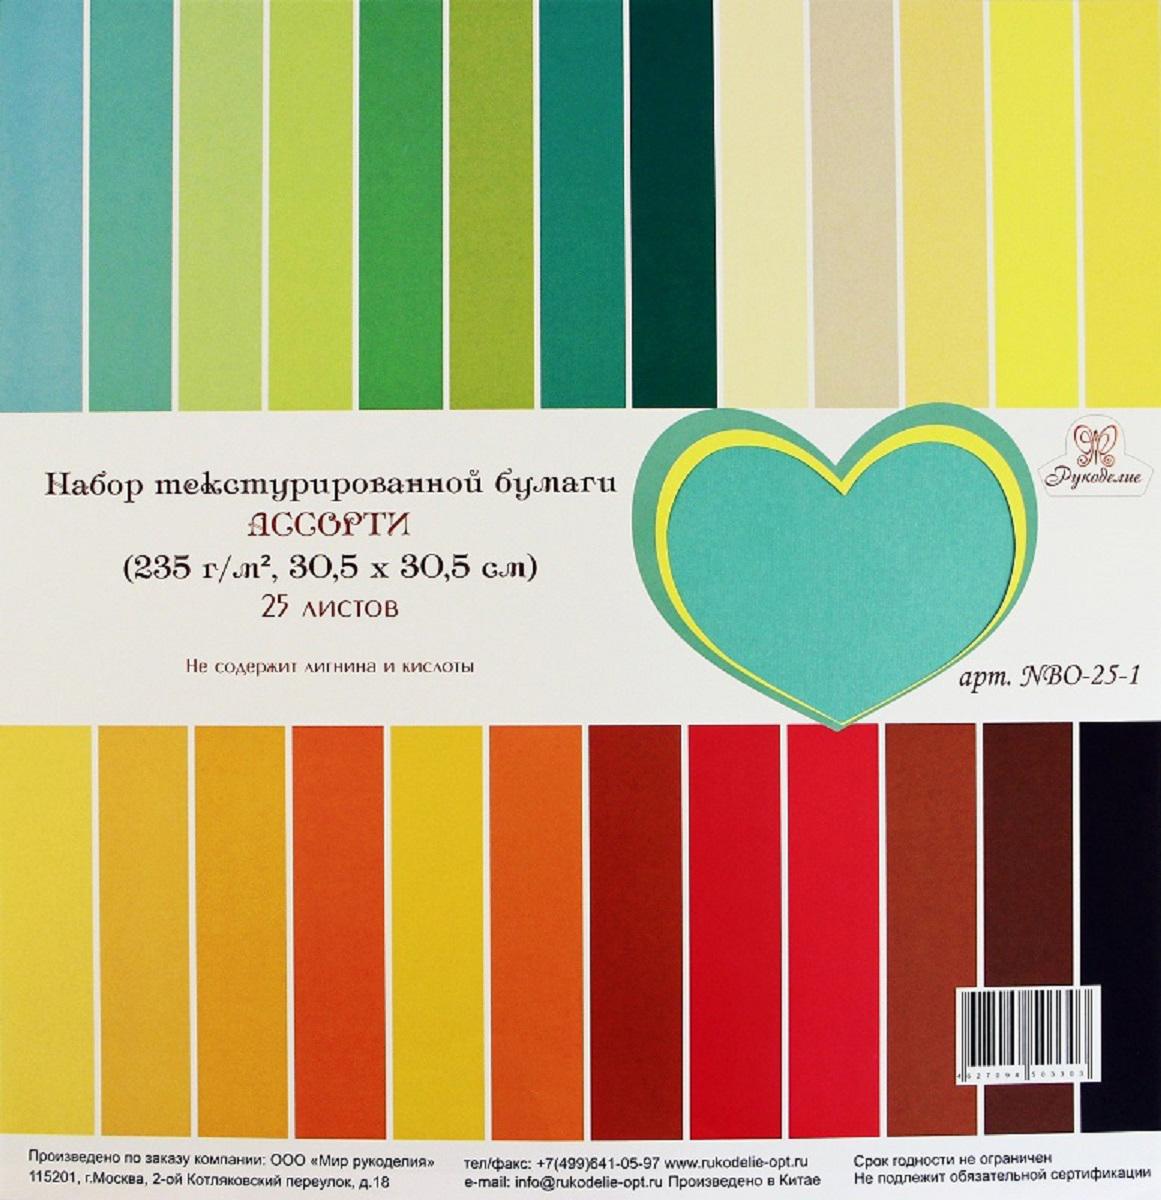 Набор текстурированной бумаги Рукоделие Ассорти, 30,5 х 30,5 см, 25 листов. NBO-25-1 глиняный сюнь